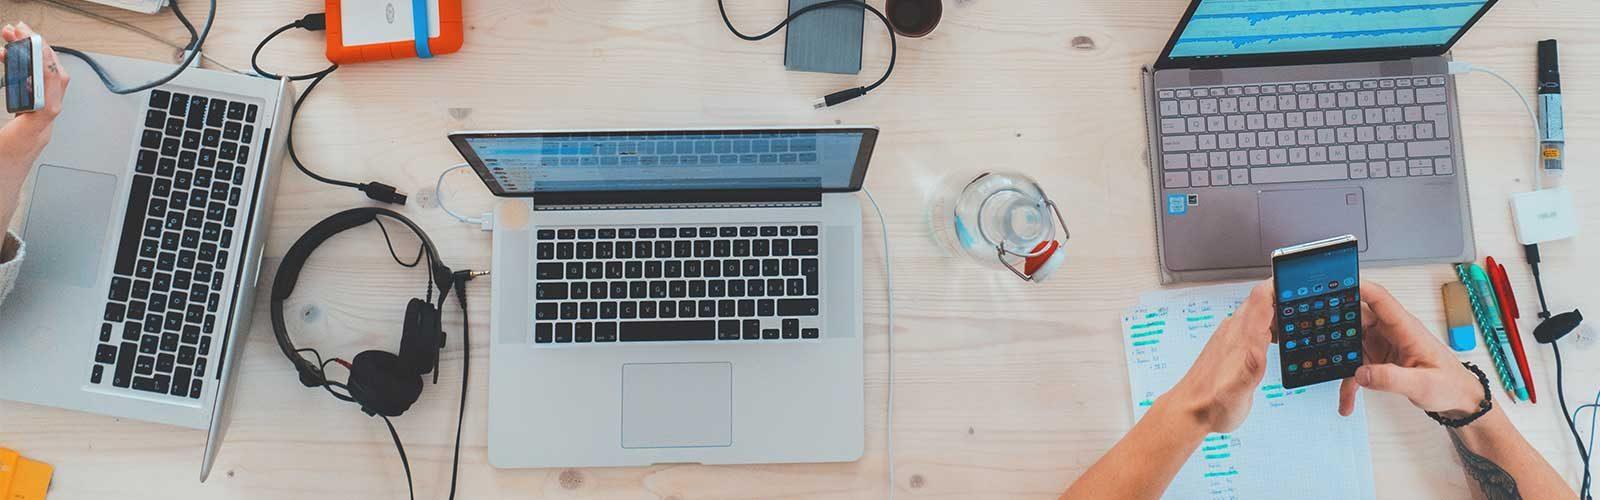 Skrivbord med datorer